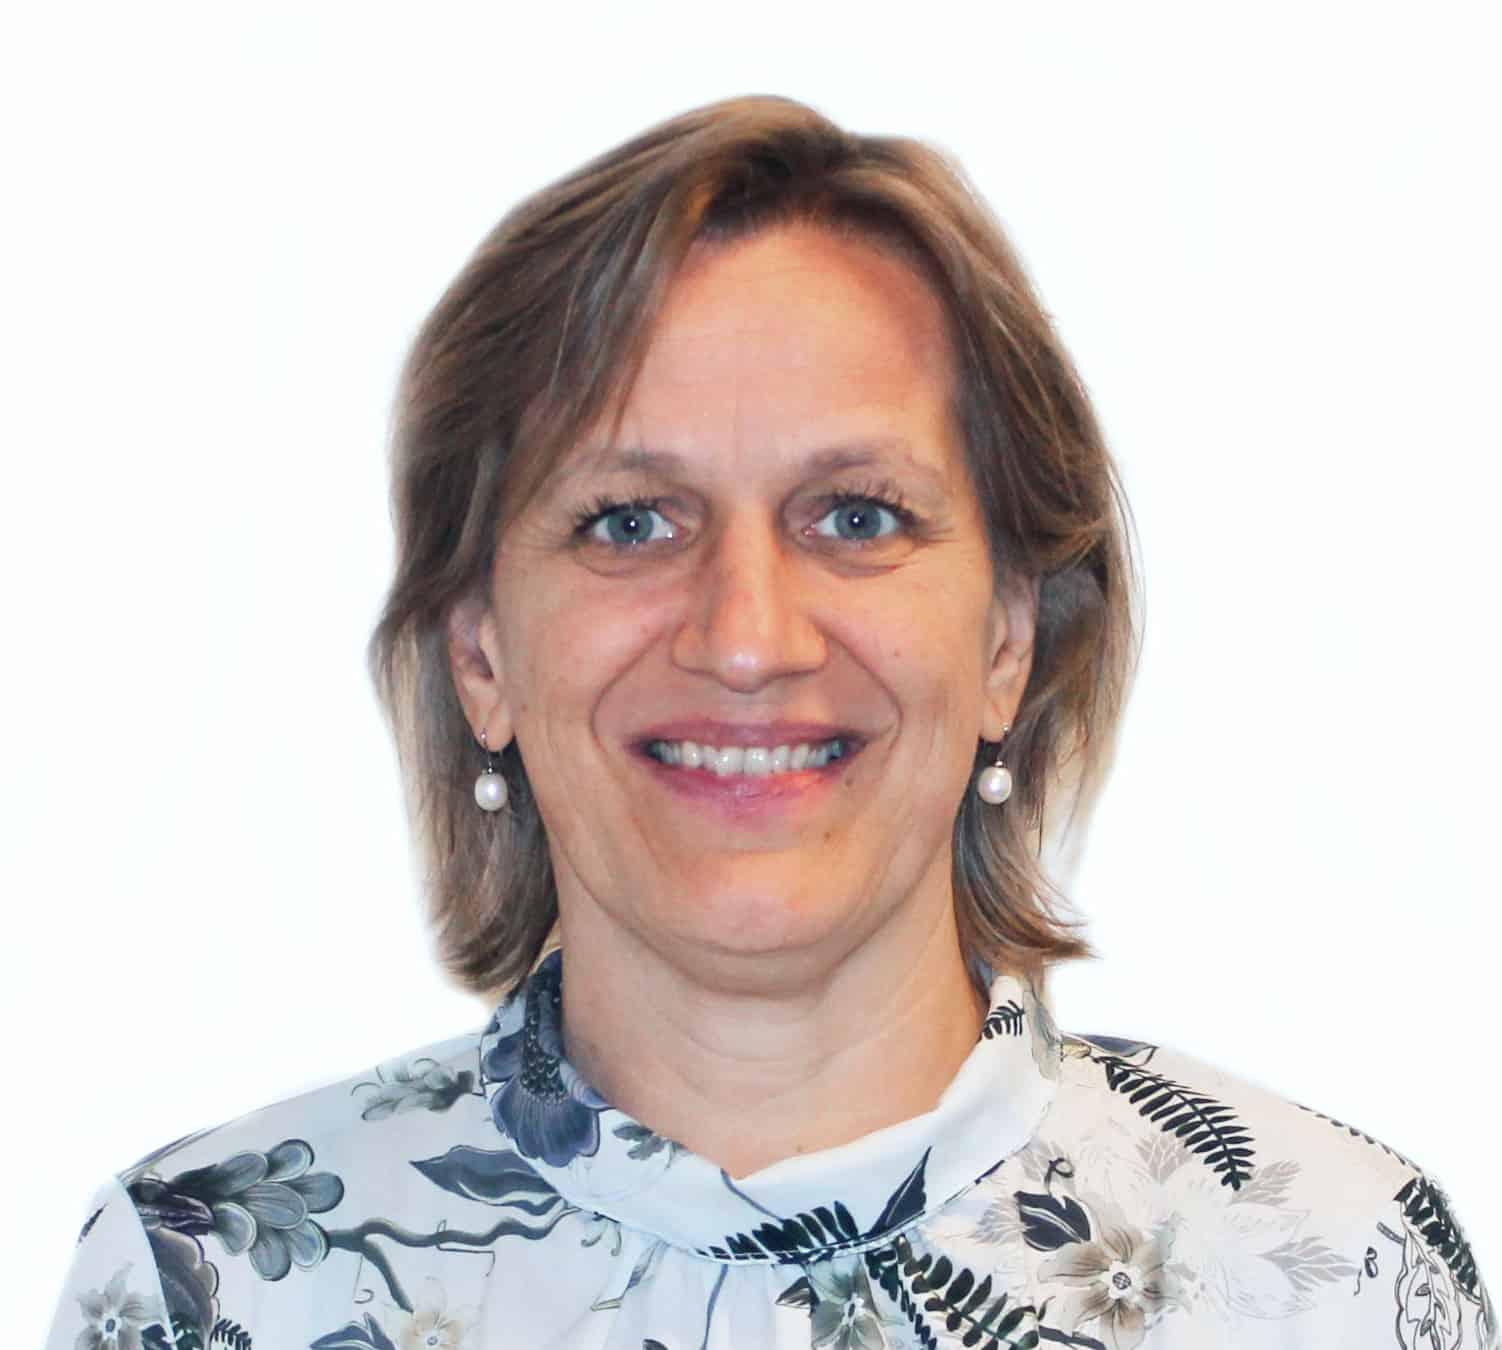 Anne-Bine Skytte